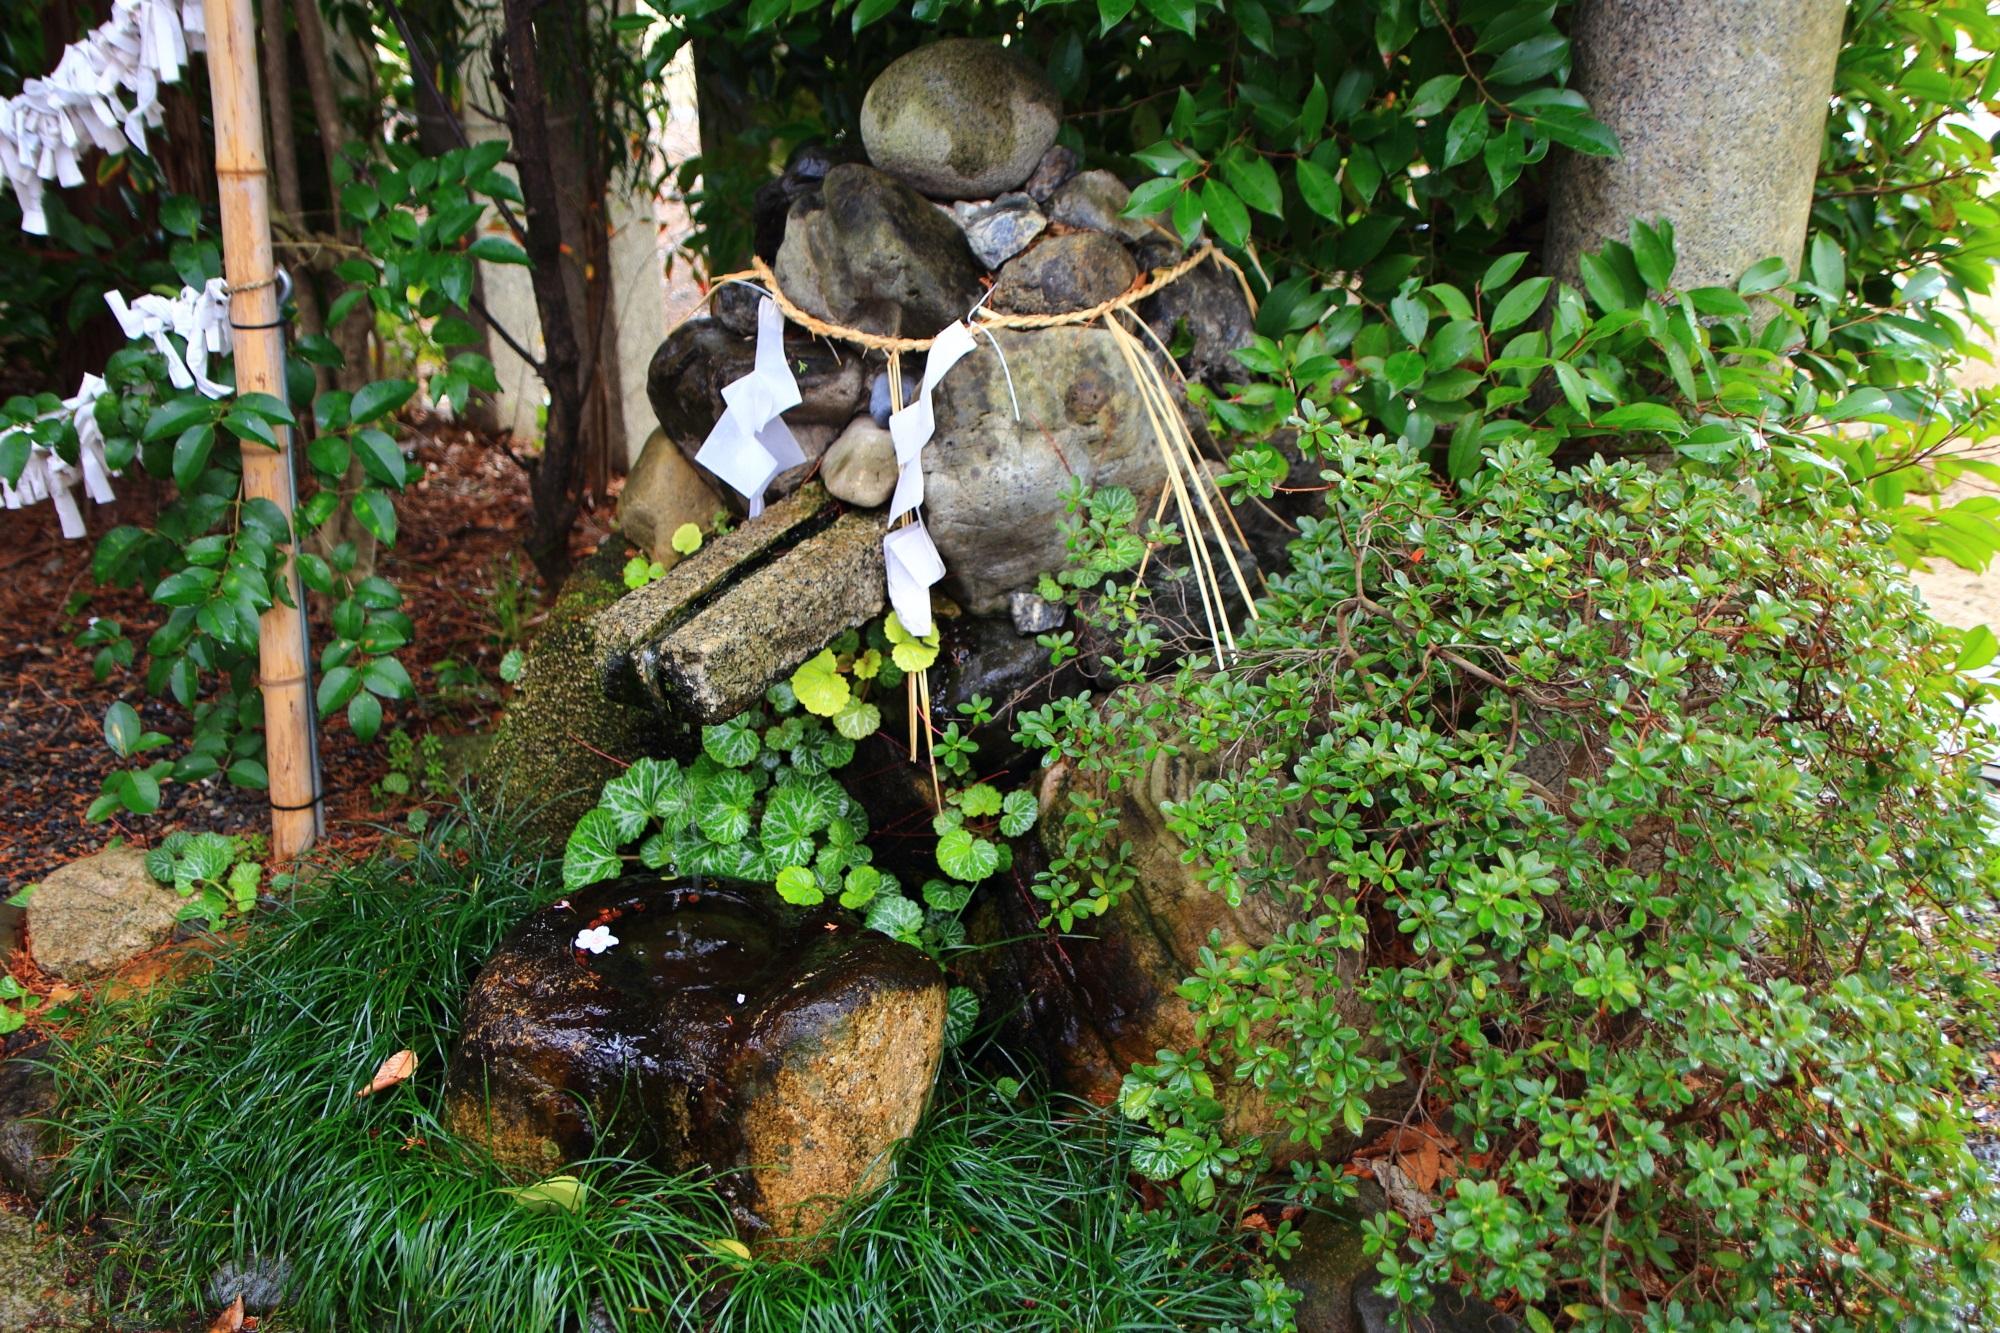 綺麗な緑や植物に包まれている金龍水